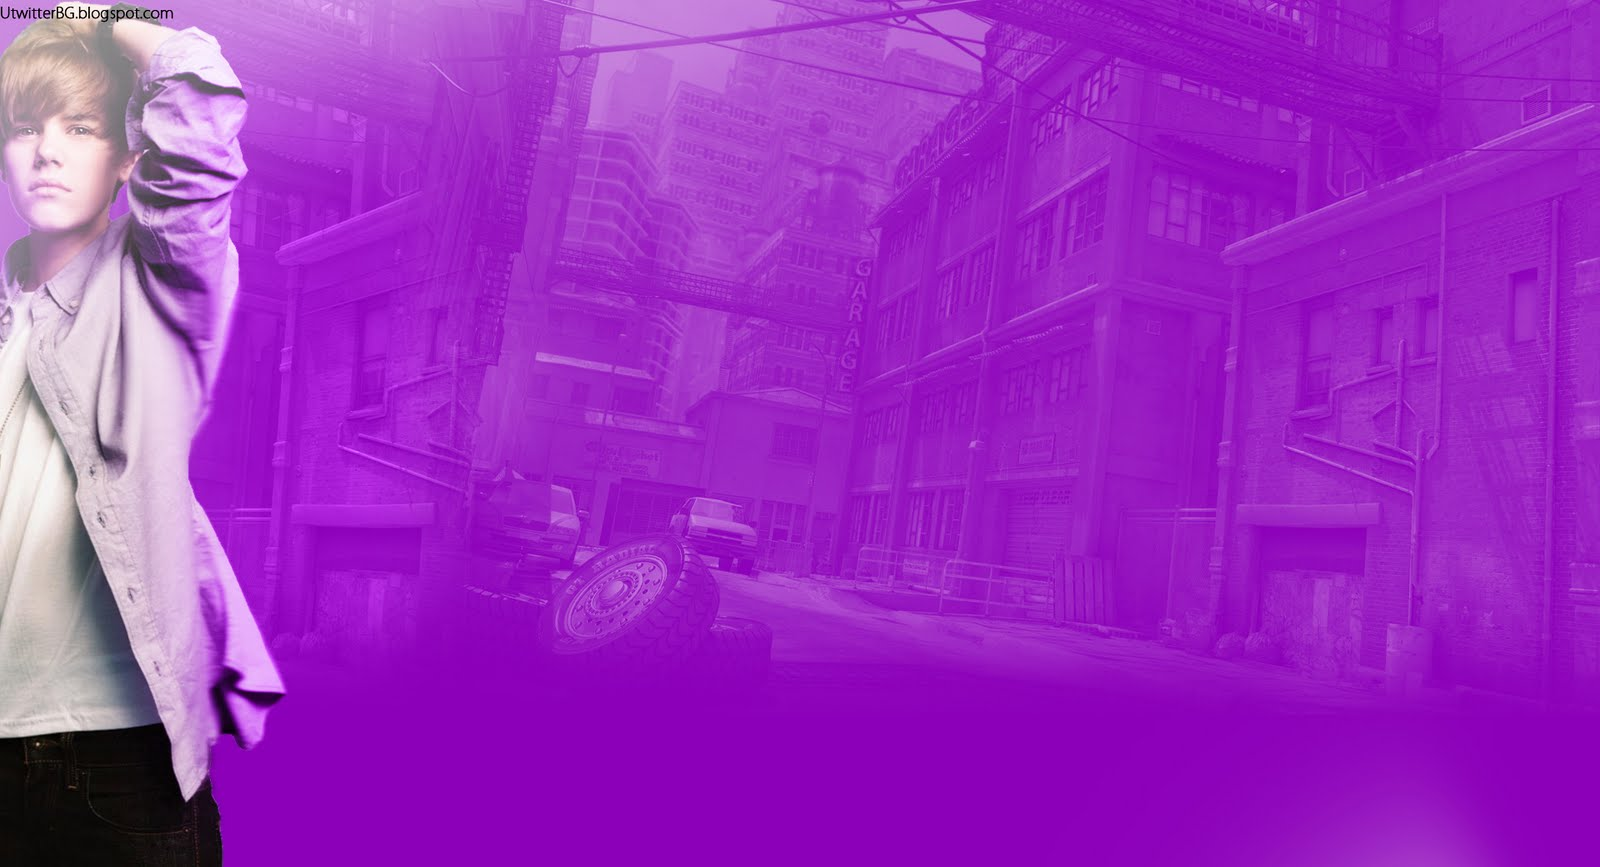 Justin Bieber purple Twitter theme Urban Twitter 1600x867